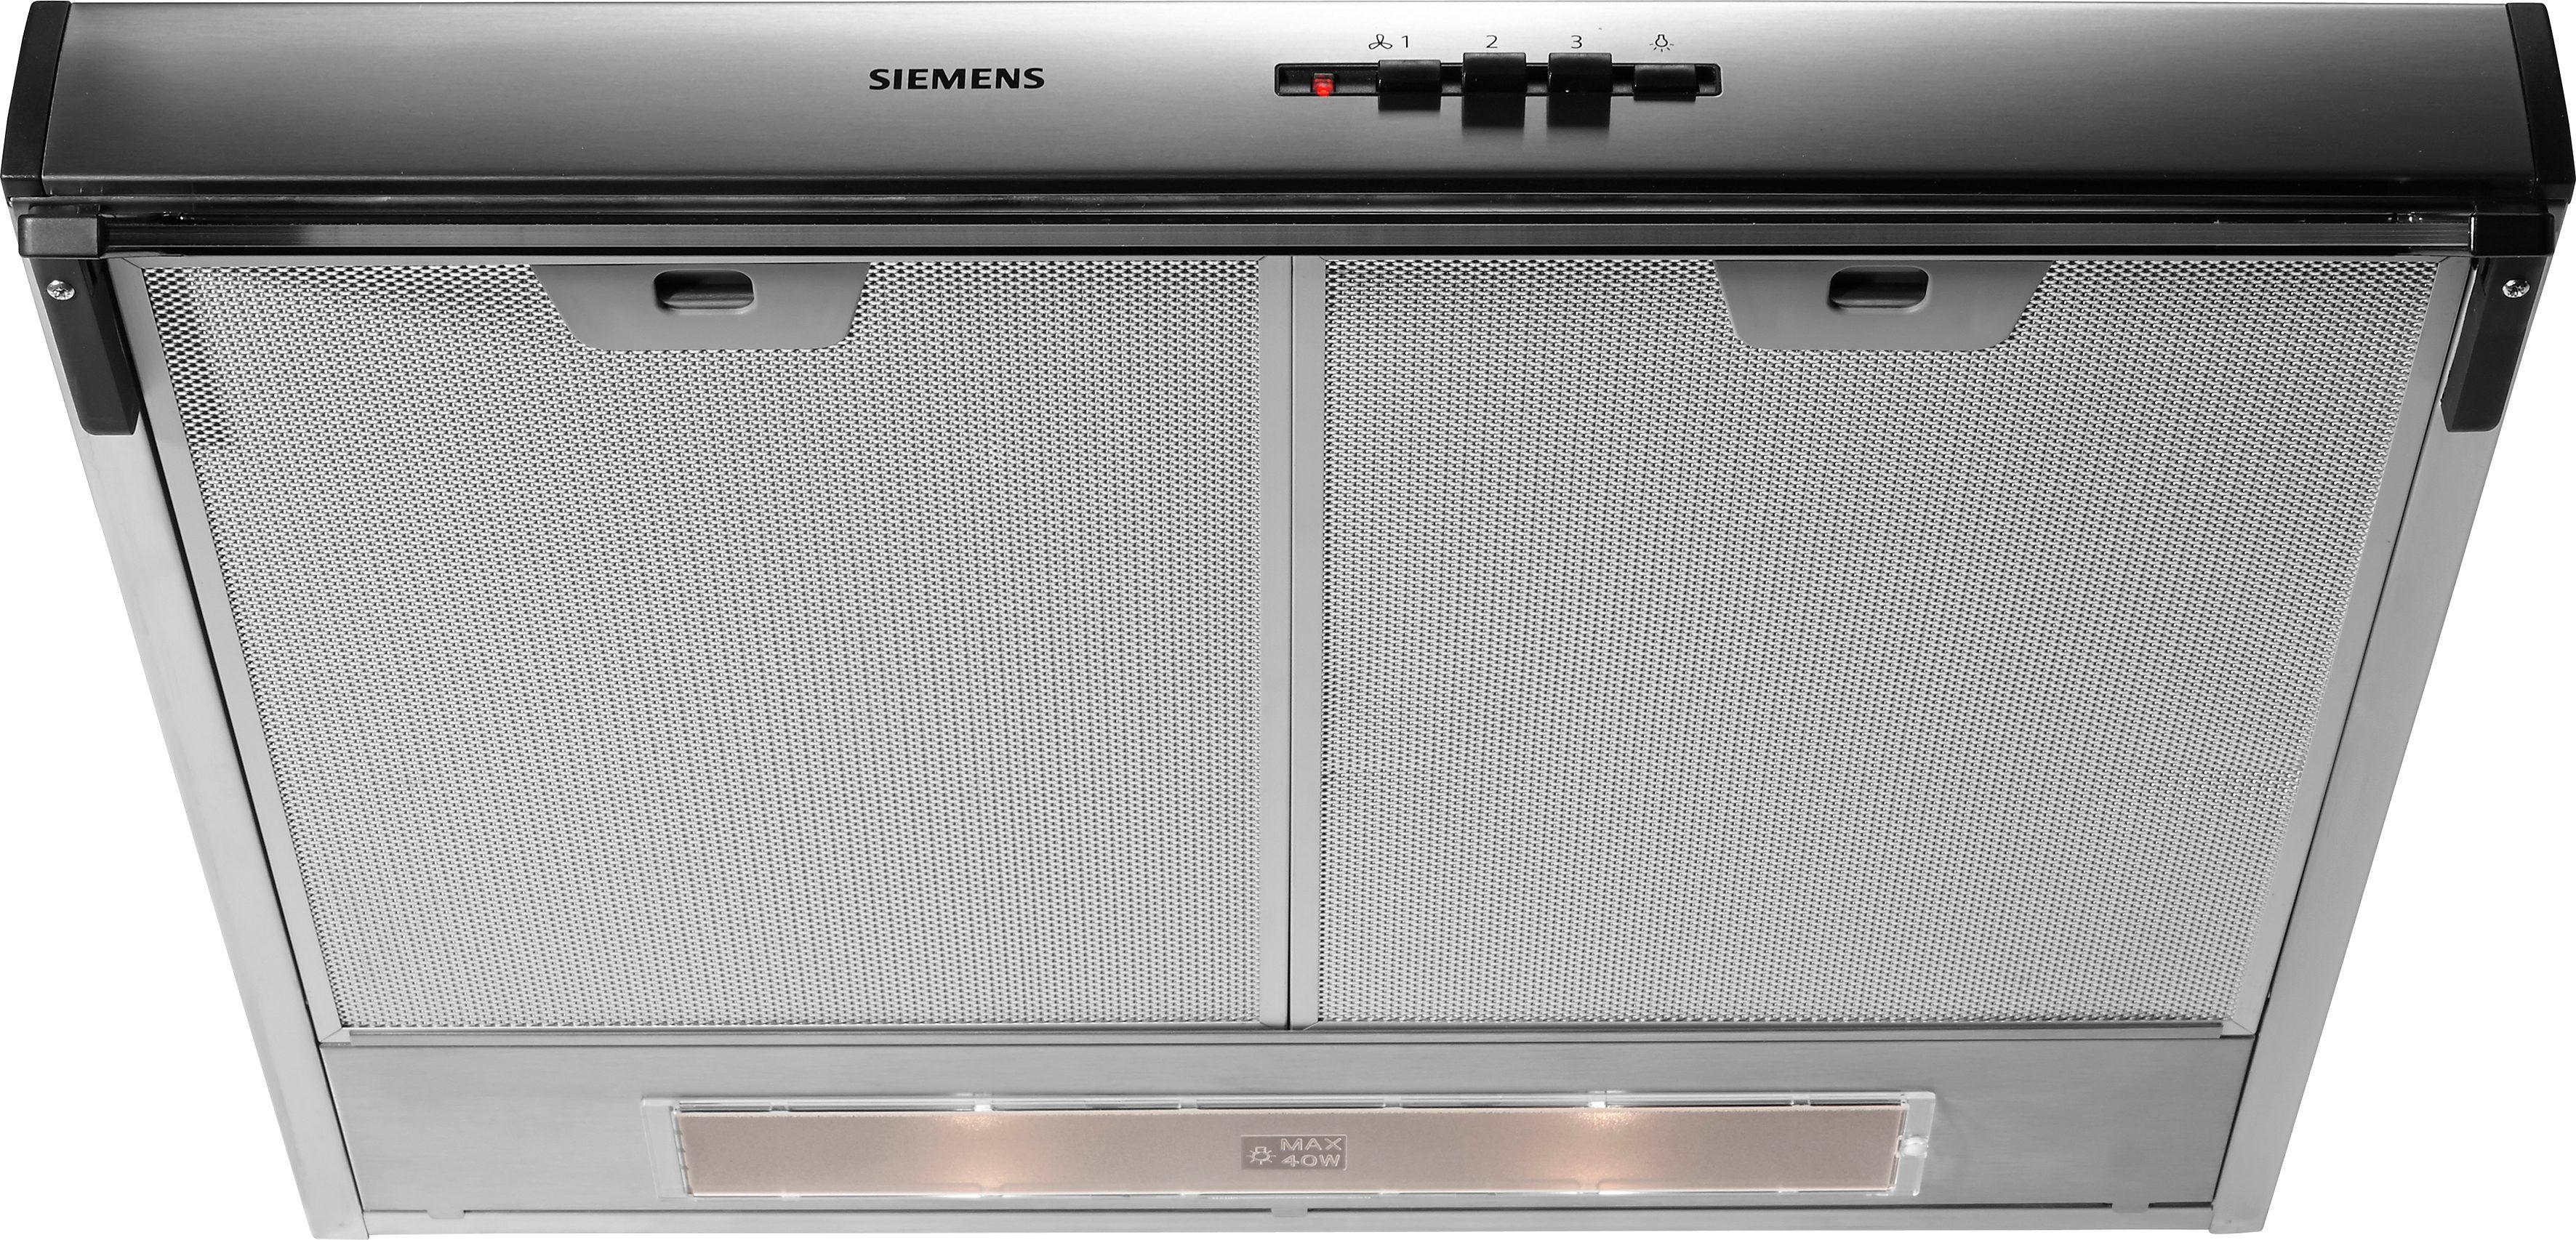 Siemens Unterbauhaube LU17153